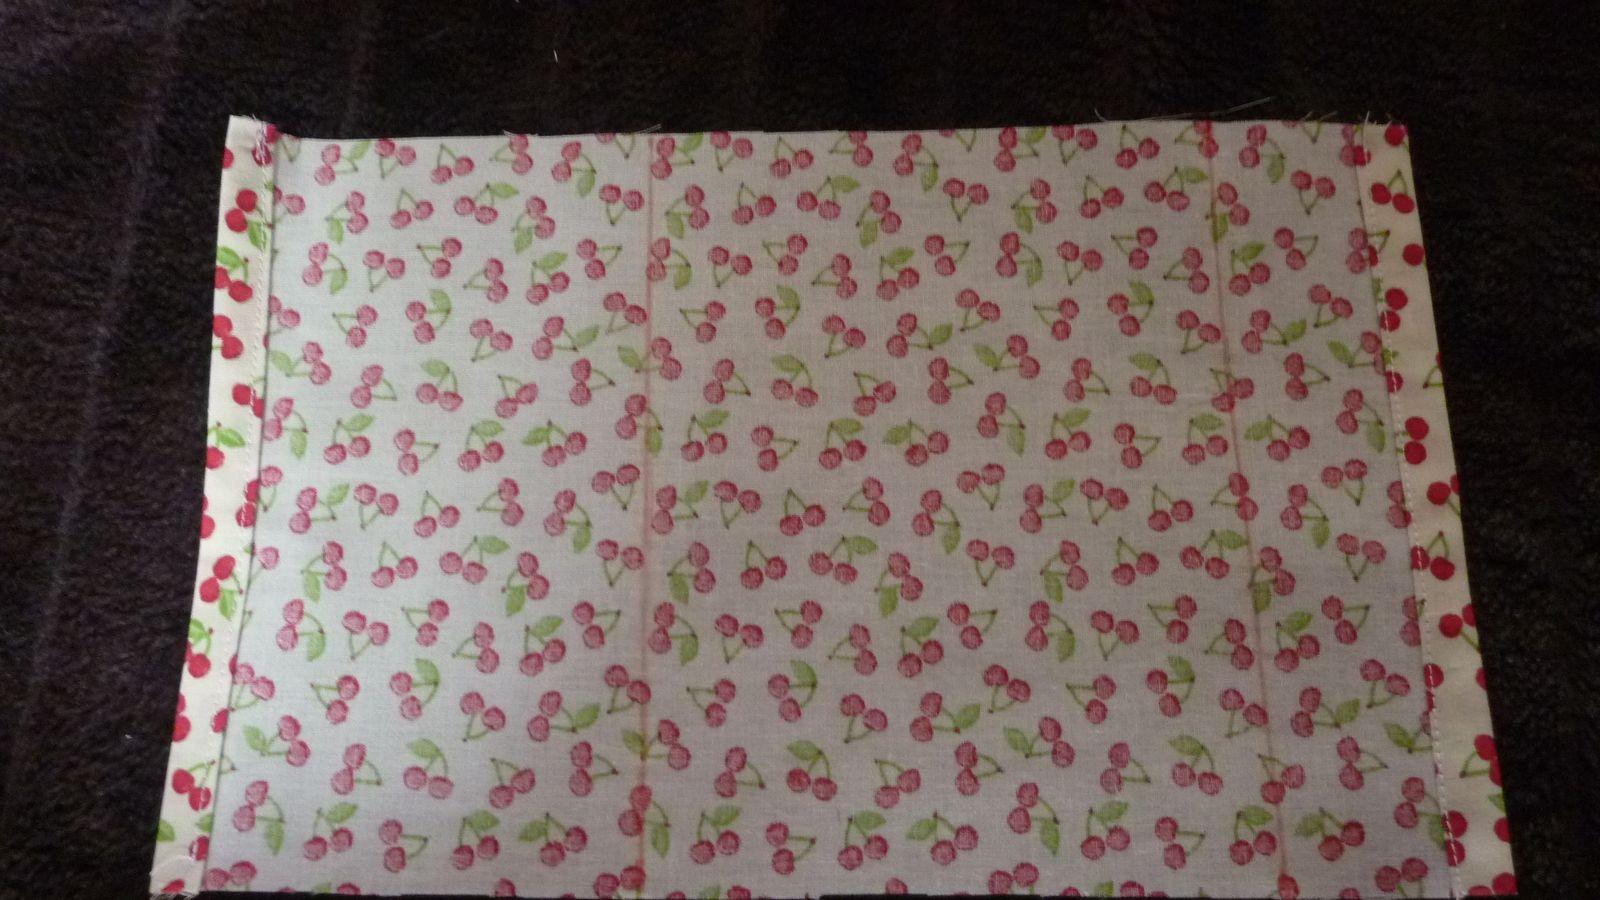 Tissu 17 x 32 cm - Faire un double rentré de 1cm de chaque côté.